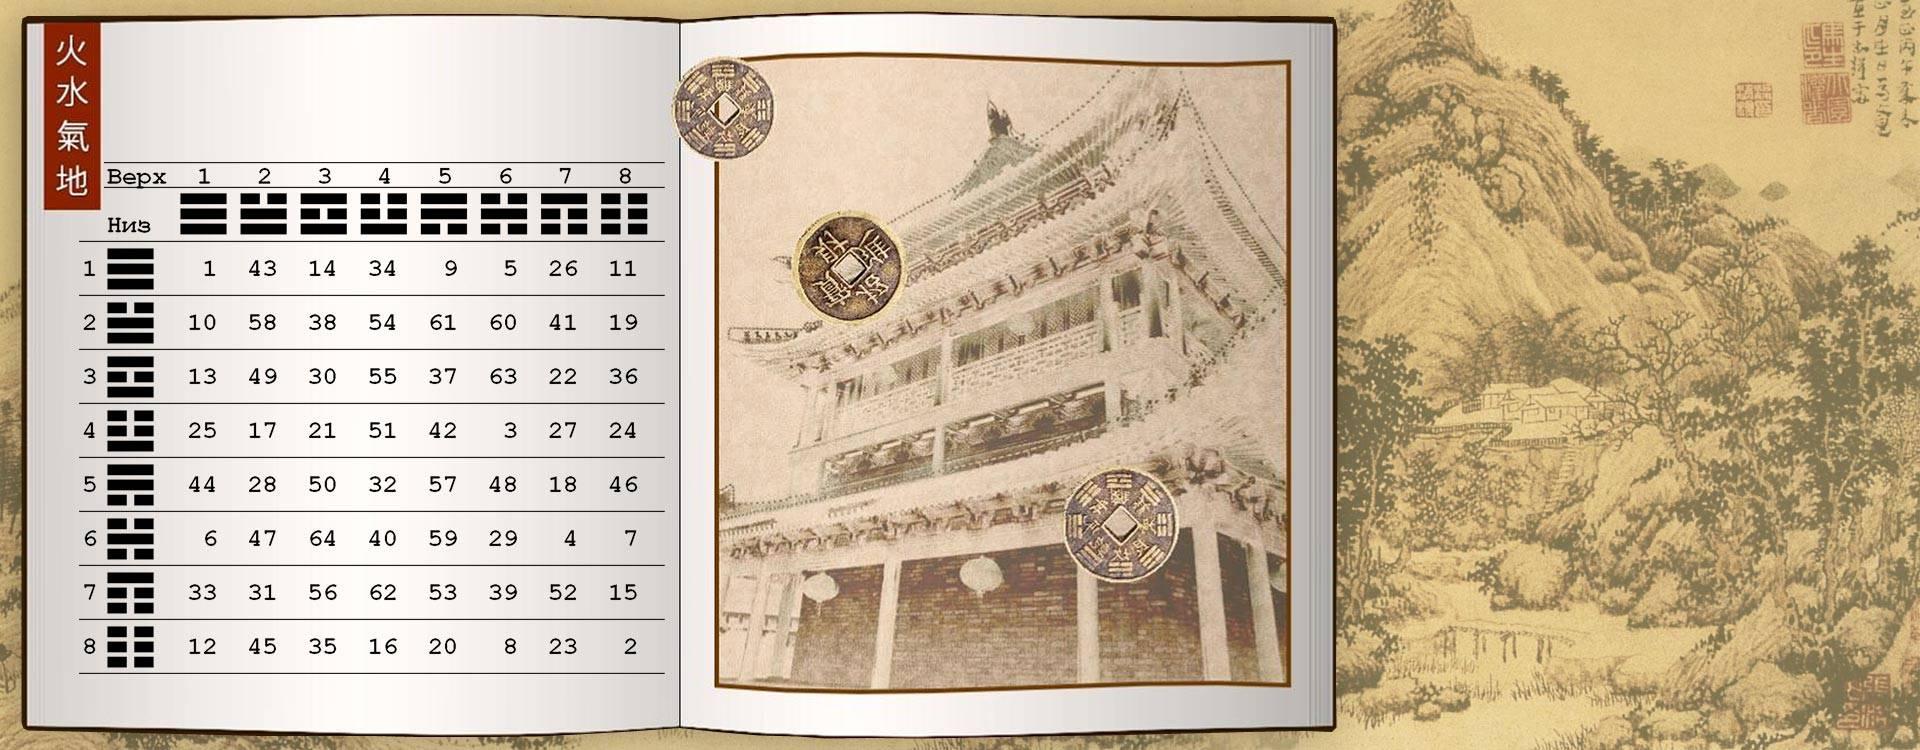 Книга перемен ицзин - гадание на монетах онлайн